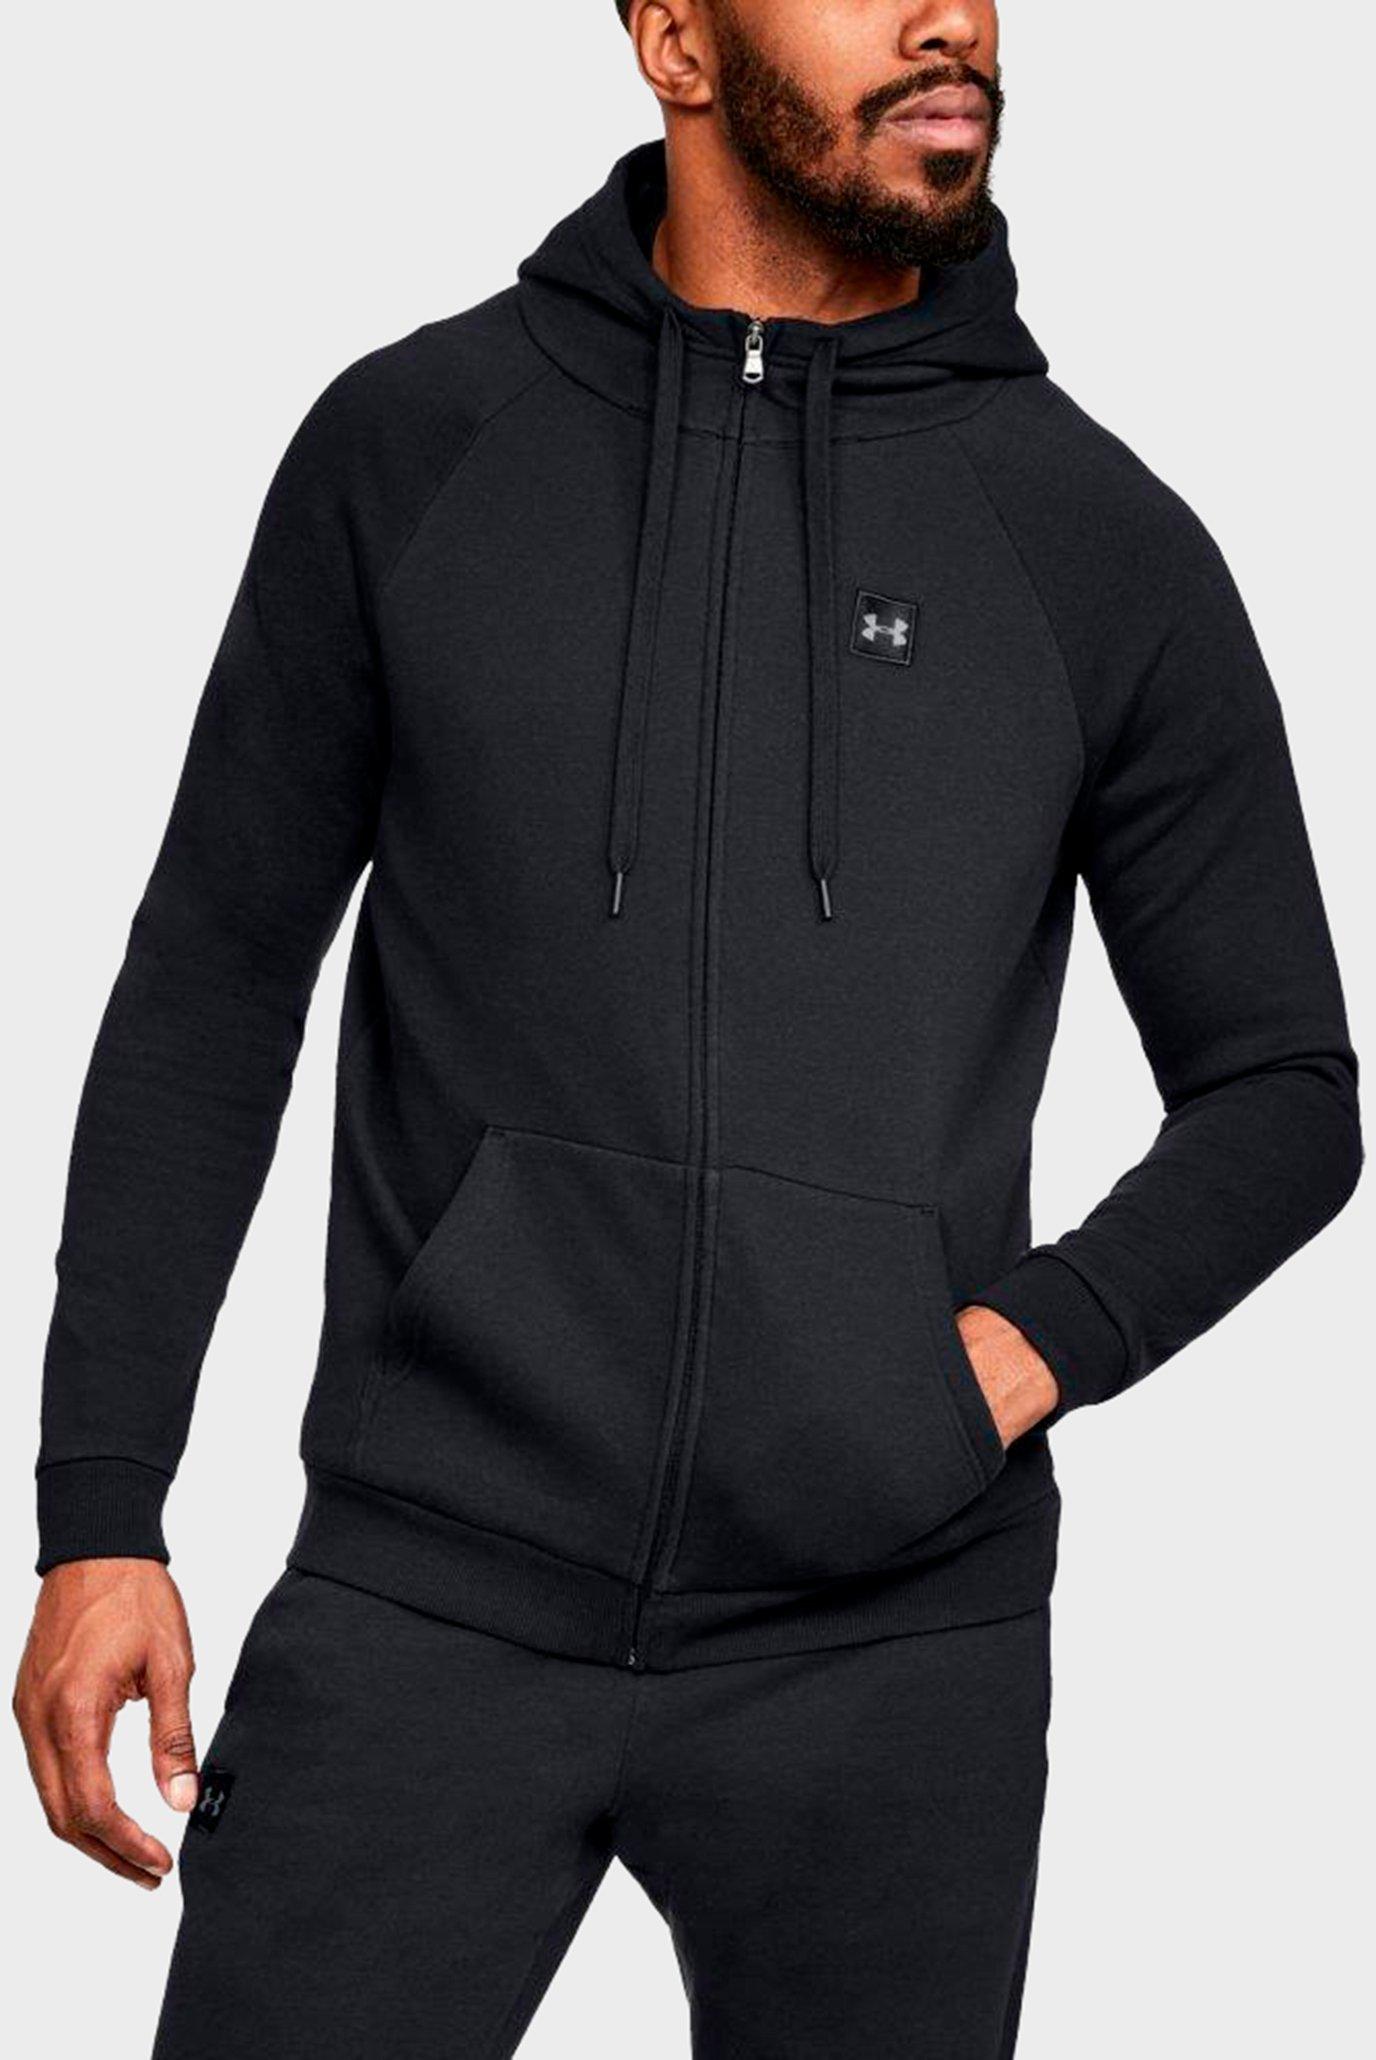 Купить Мужское черное худи RIVAL FLEECE FZ HOODY Under Armour Under Armour 1320737-001 – Киев, Украина. Цены в интернет магазине MD Fashion